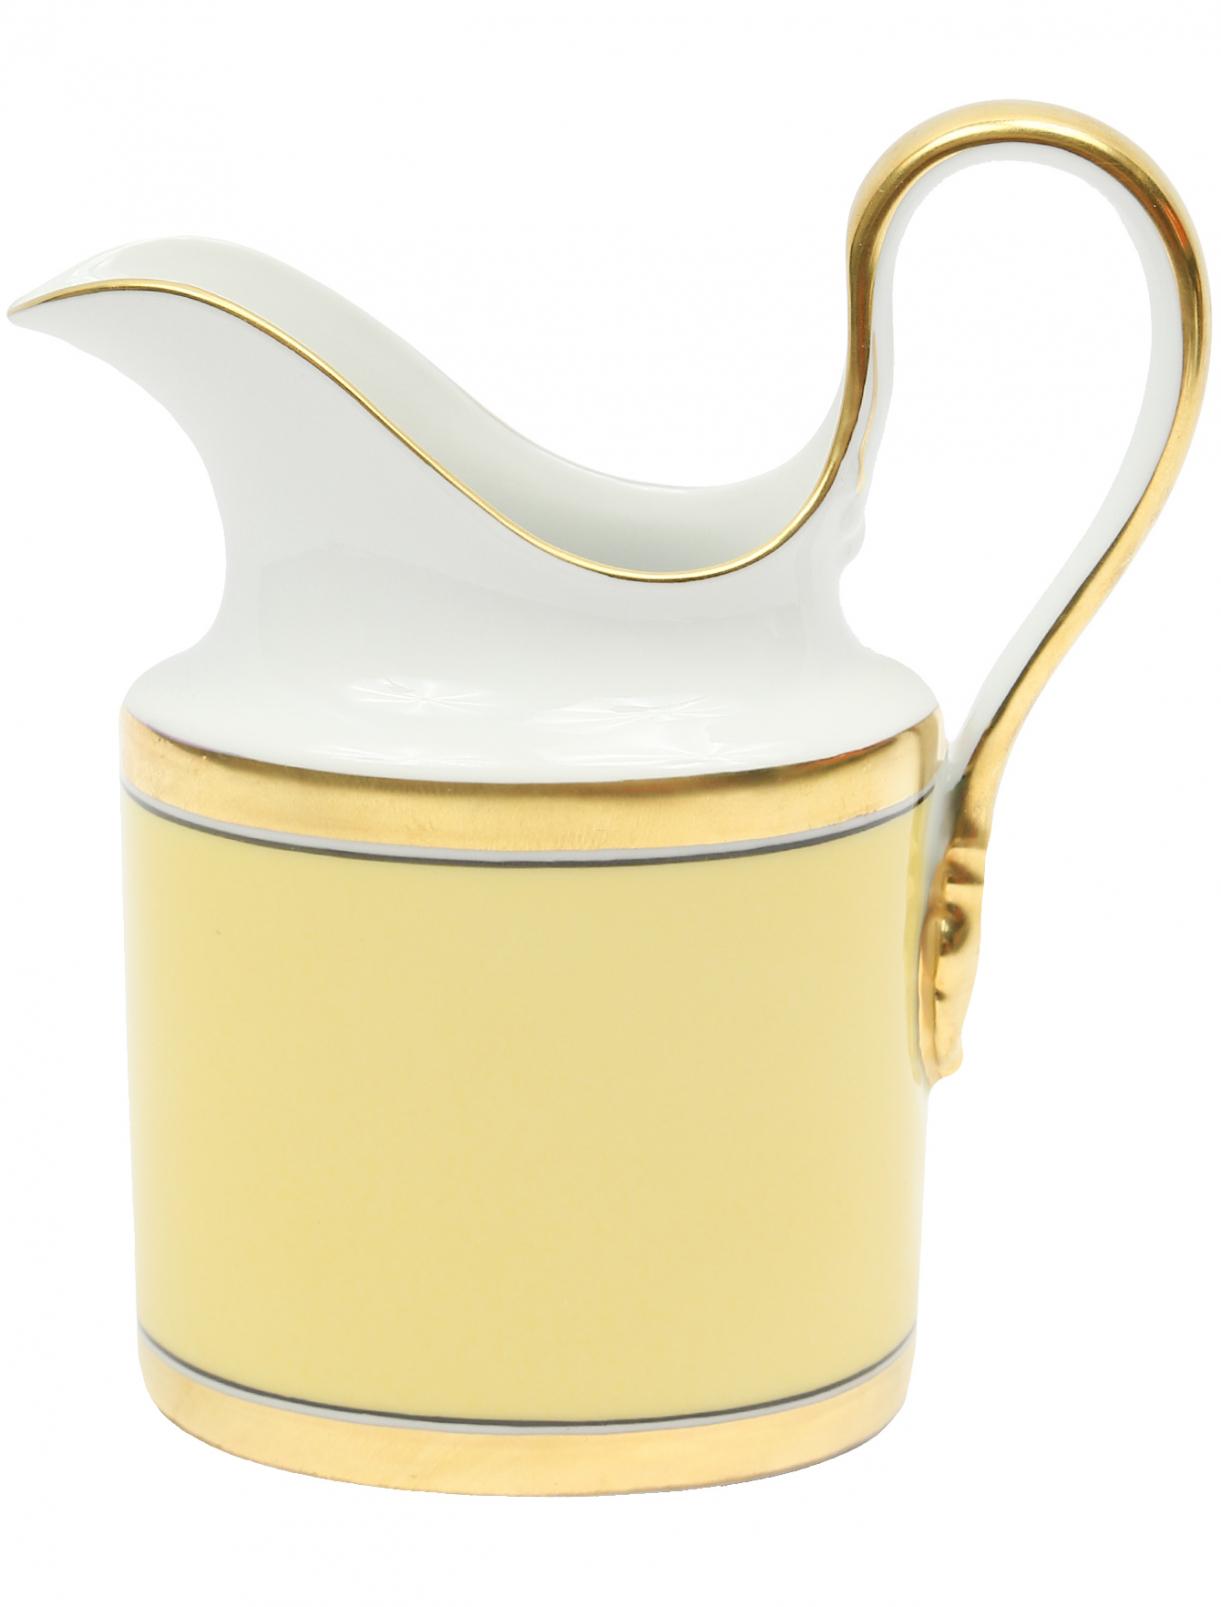 Молочник с золотой окантовкой Richard Ginori 1735  –  Общий вид